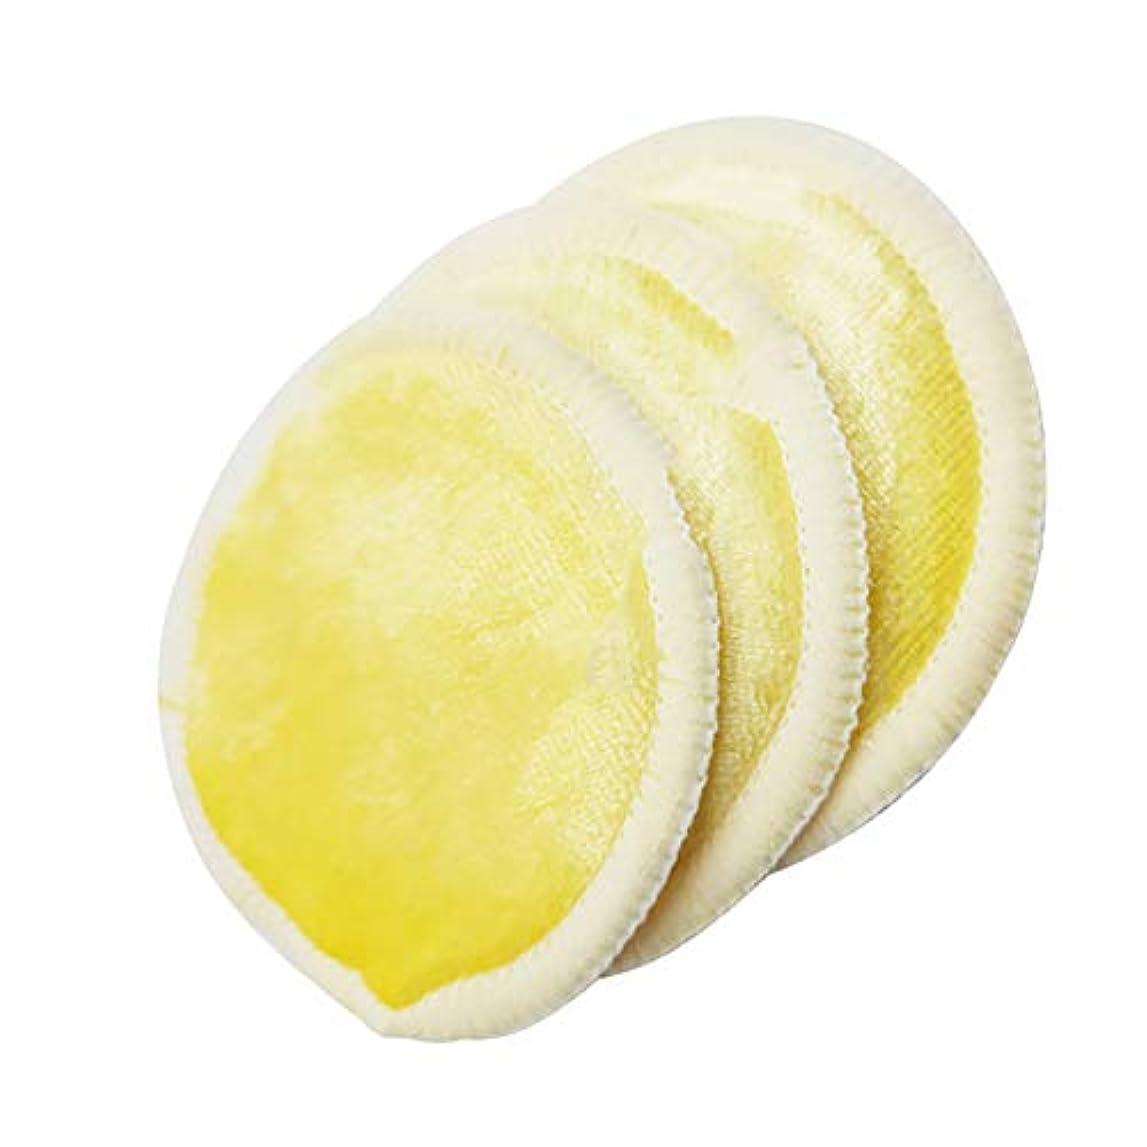 近く伝導書店竹繊維の綿を洗い流し、綿の再利用可能なスーパーソフト肌3セット(黄色)